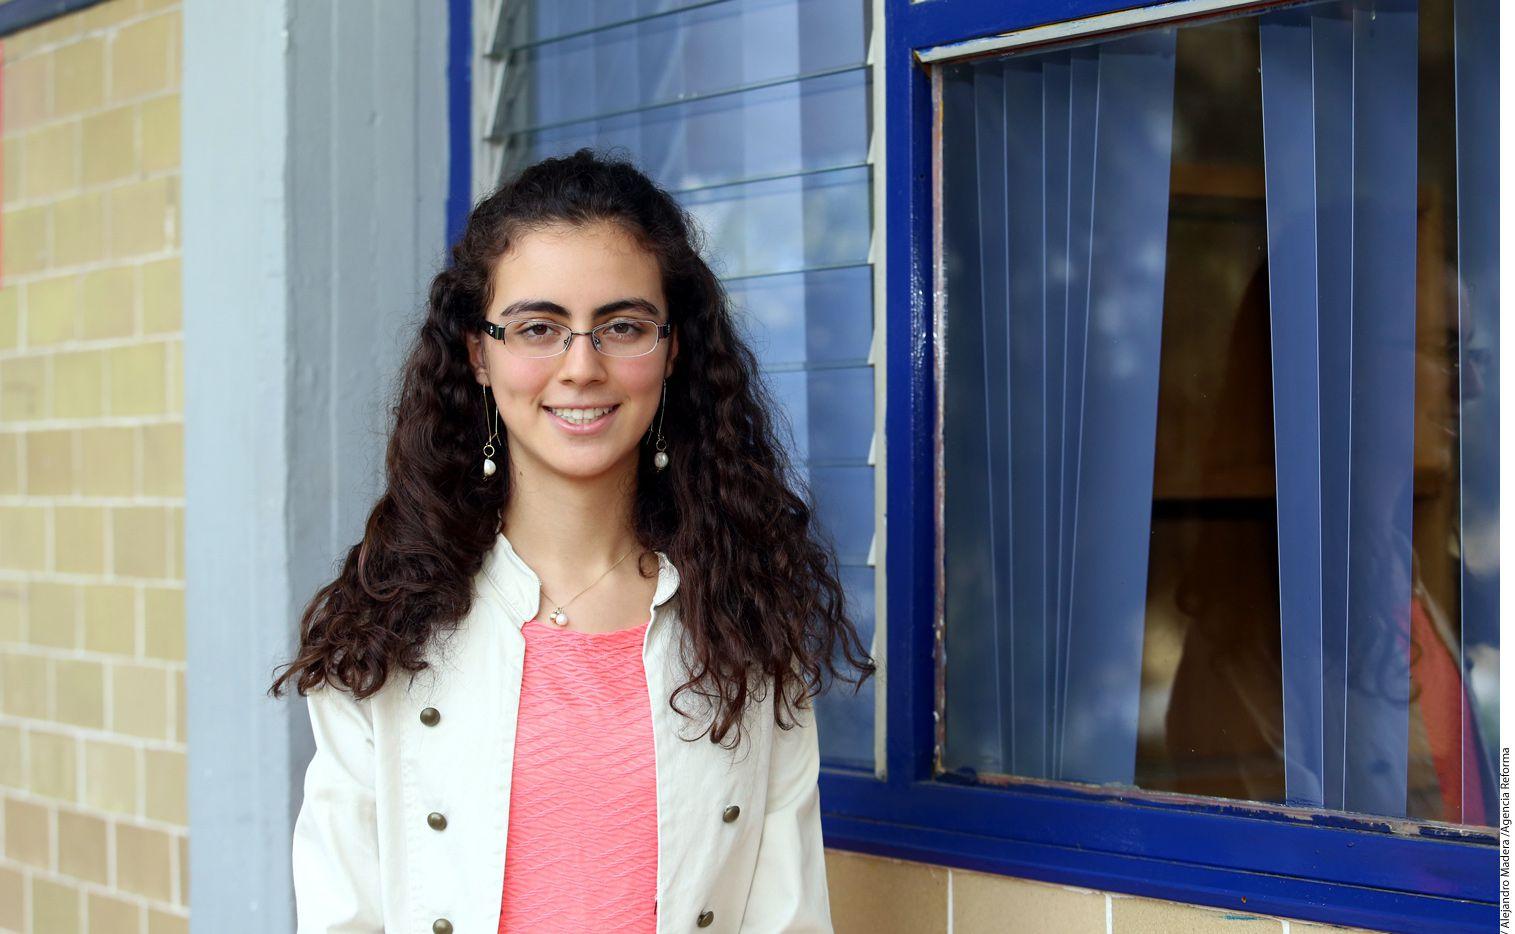 """Los twitteros destacaron que la estudiante de 17 años Olga Medrano es un ejemplo a seguir y una persona digna de """"viralizarse"""" por sus méritos más que por algún escándalo./AGENCIA REFORMA"""